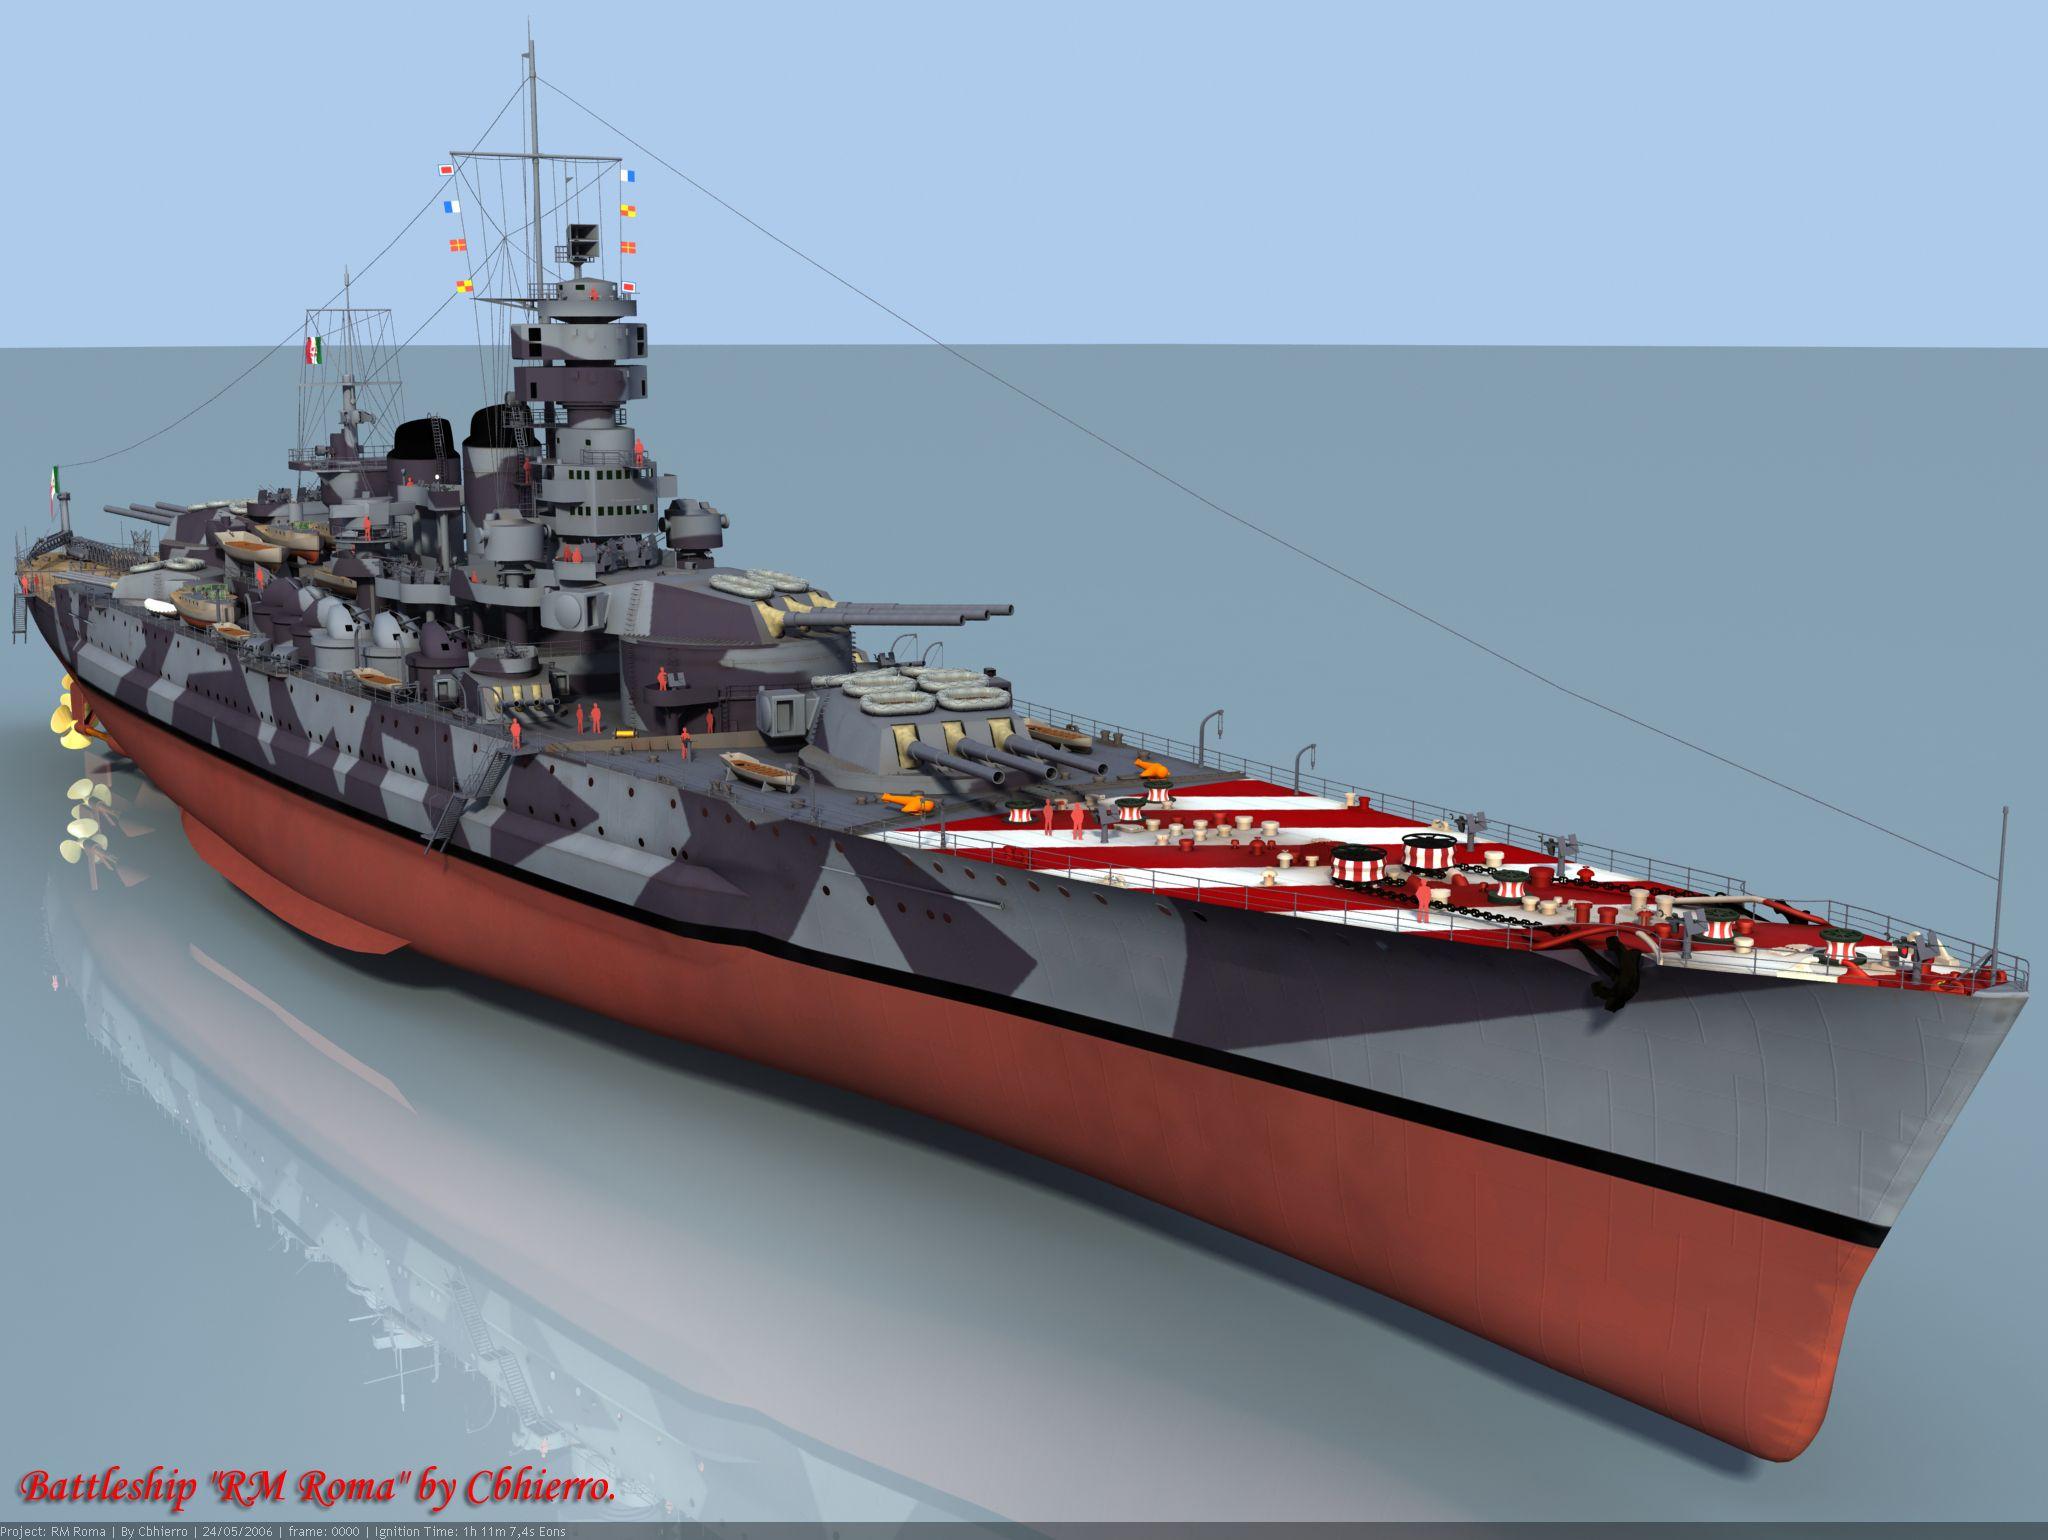 Cg drawing of italian battleship roma